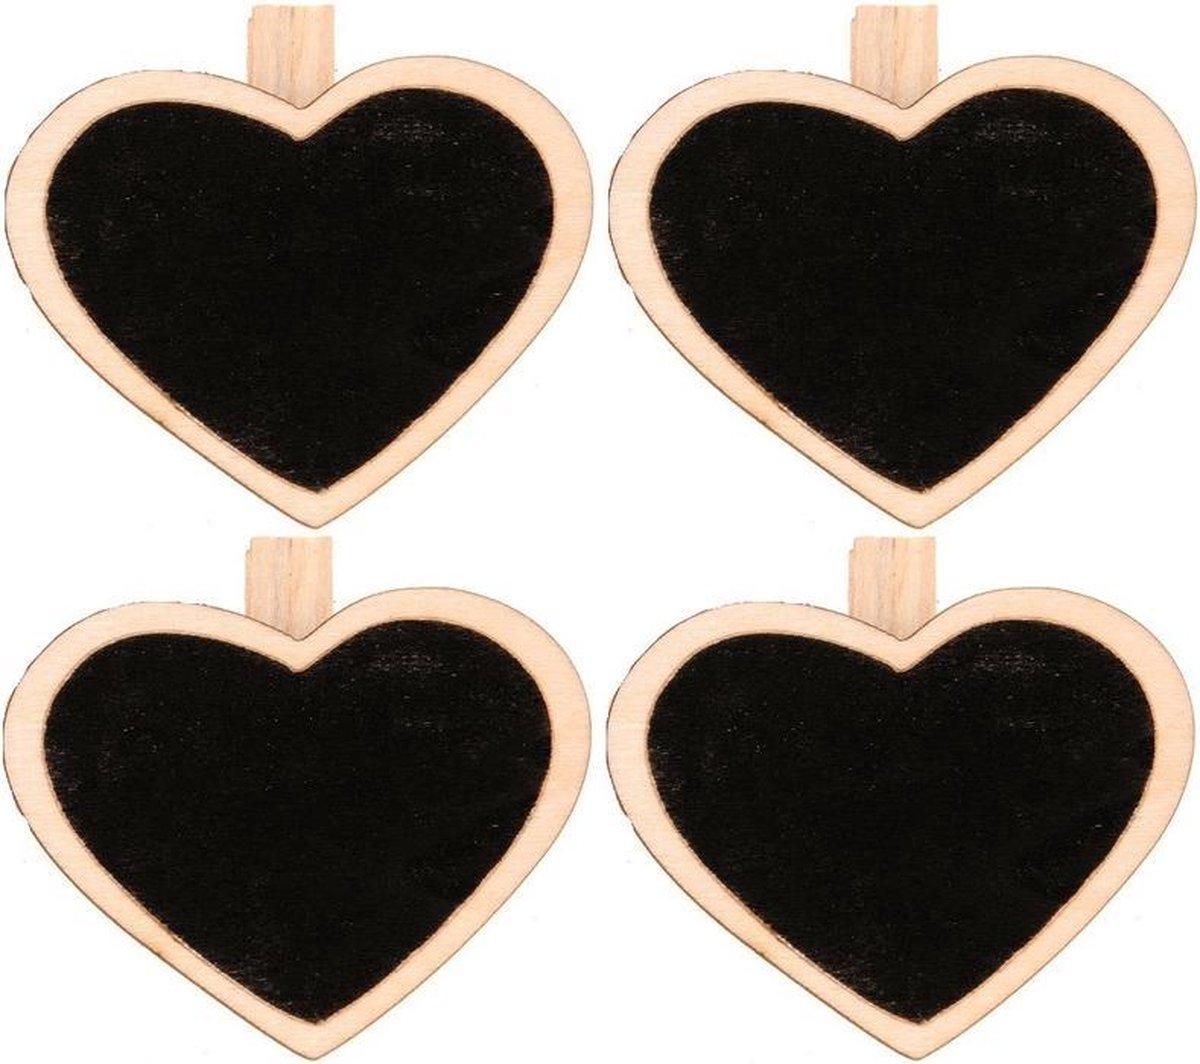 Merkloos / Sans marque 20x stuks Houten mini krijtbordjes/schrijfbordjes/memobordjes/naambordjes hartjes vorm op knijper 5 cm online kopen